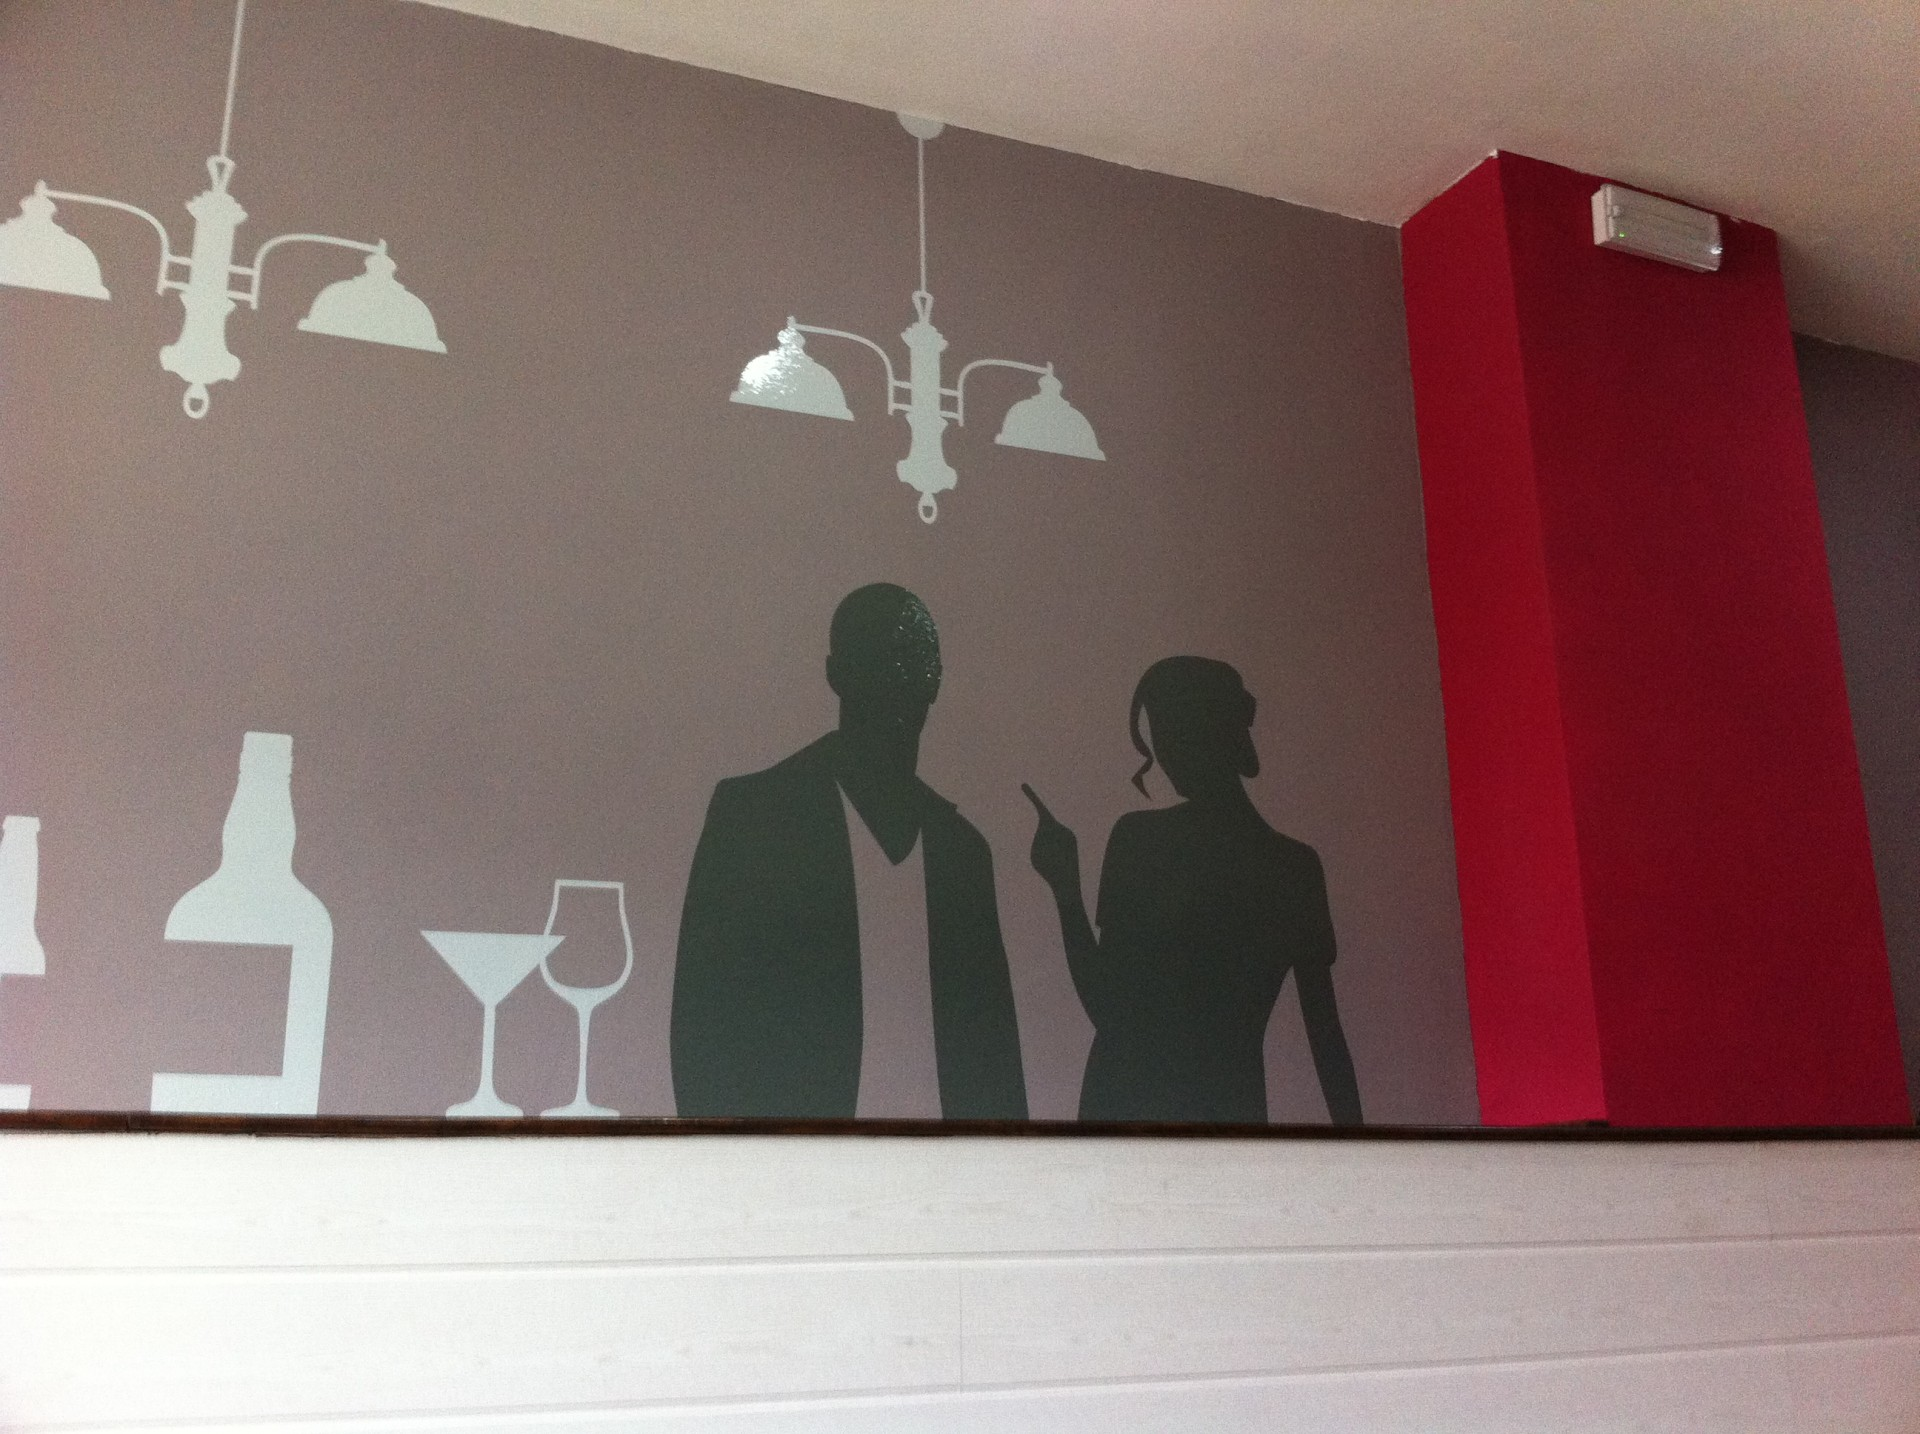 Crea imagen bar stop vinilo al corte en pared for Vinilos para bares